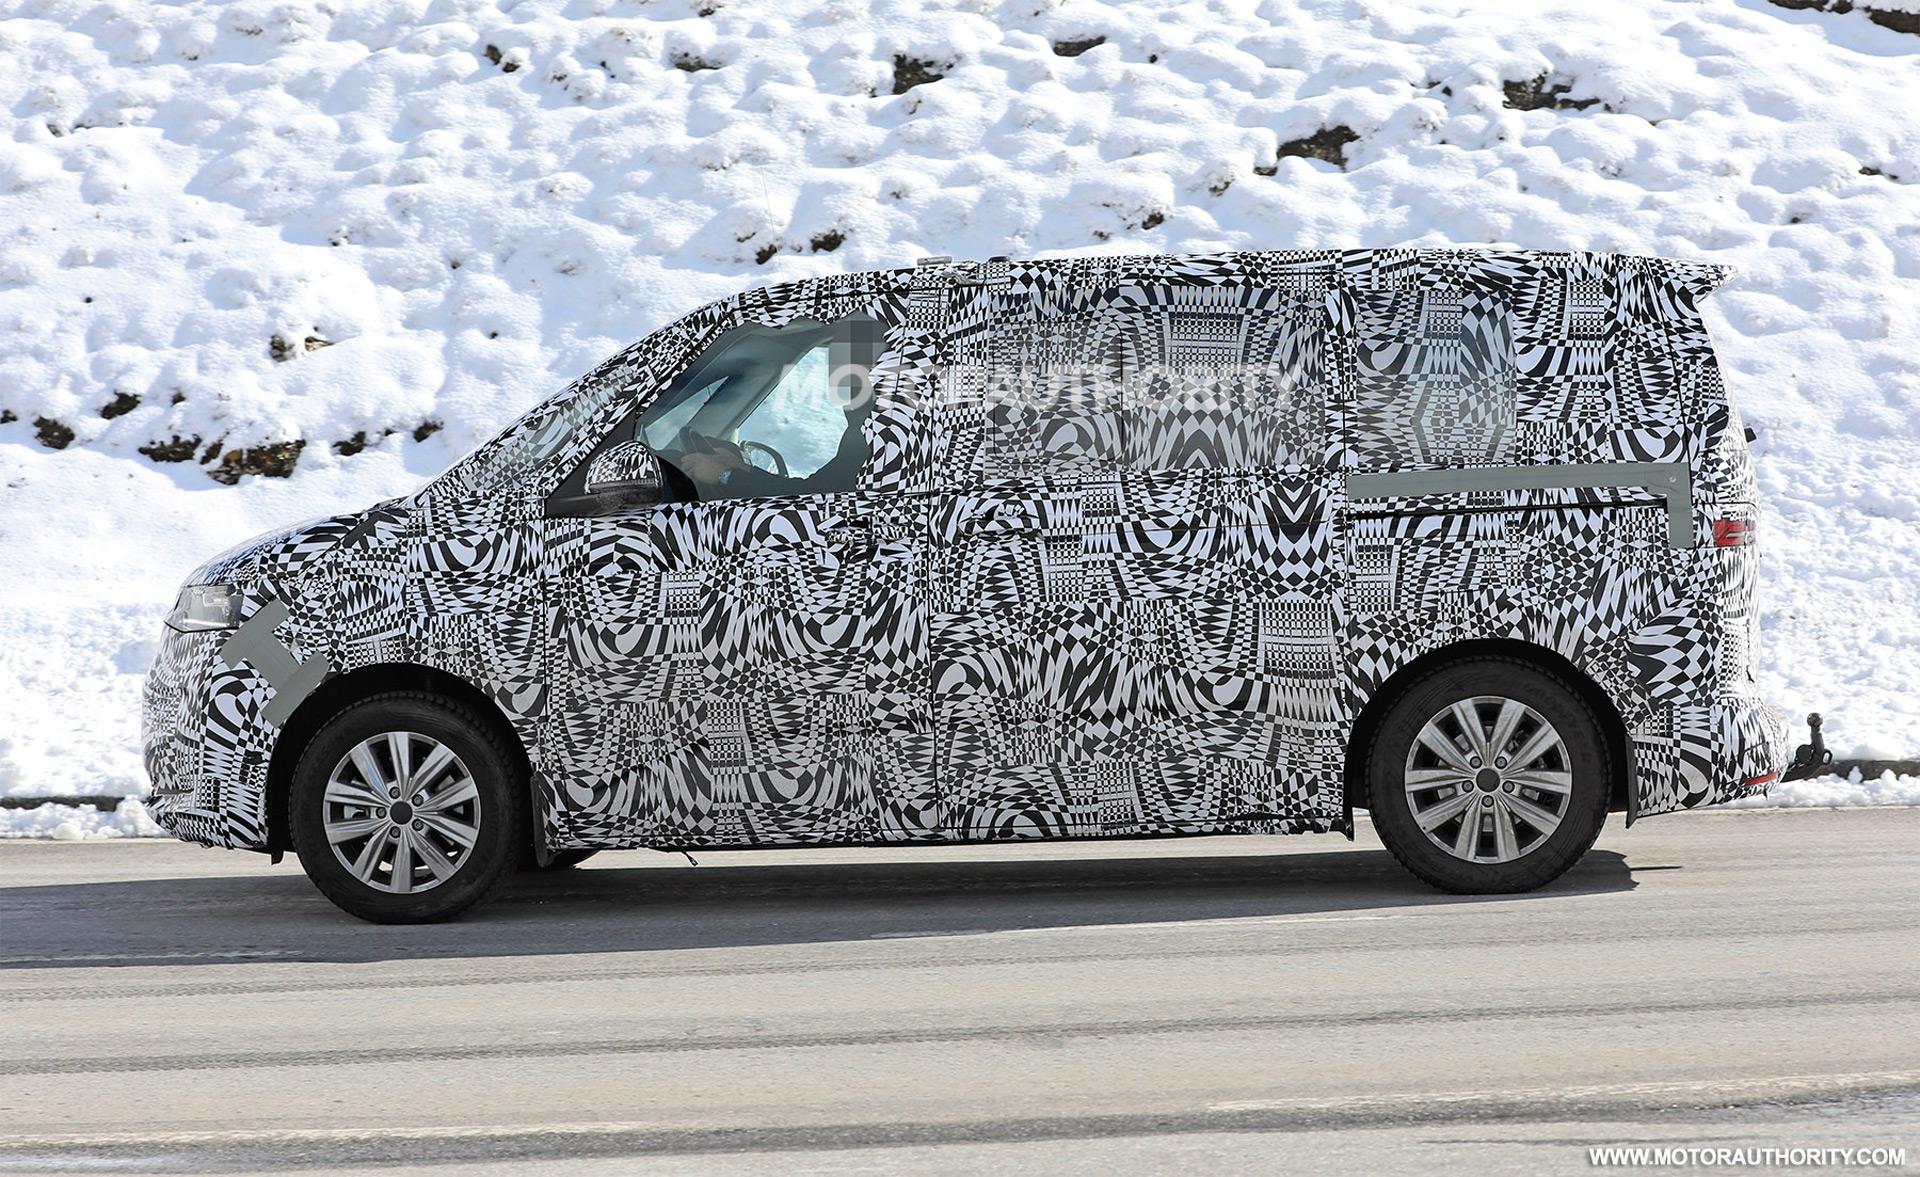 2021 - [Volkswagen] Transporter [T7] 2021-volkswagen-transporter-t7-spy-shots--photo-credit-s-baldauf-sb-medien_100725283_h